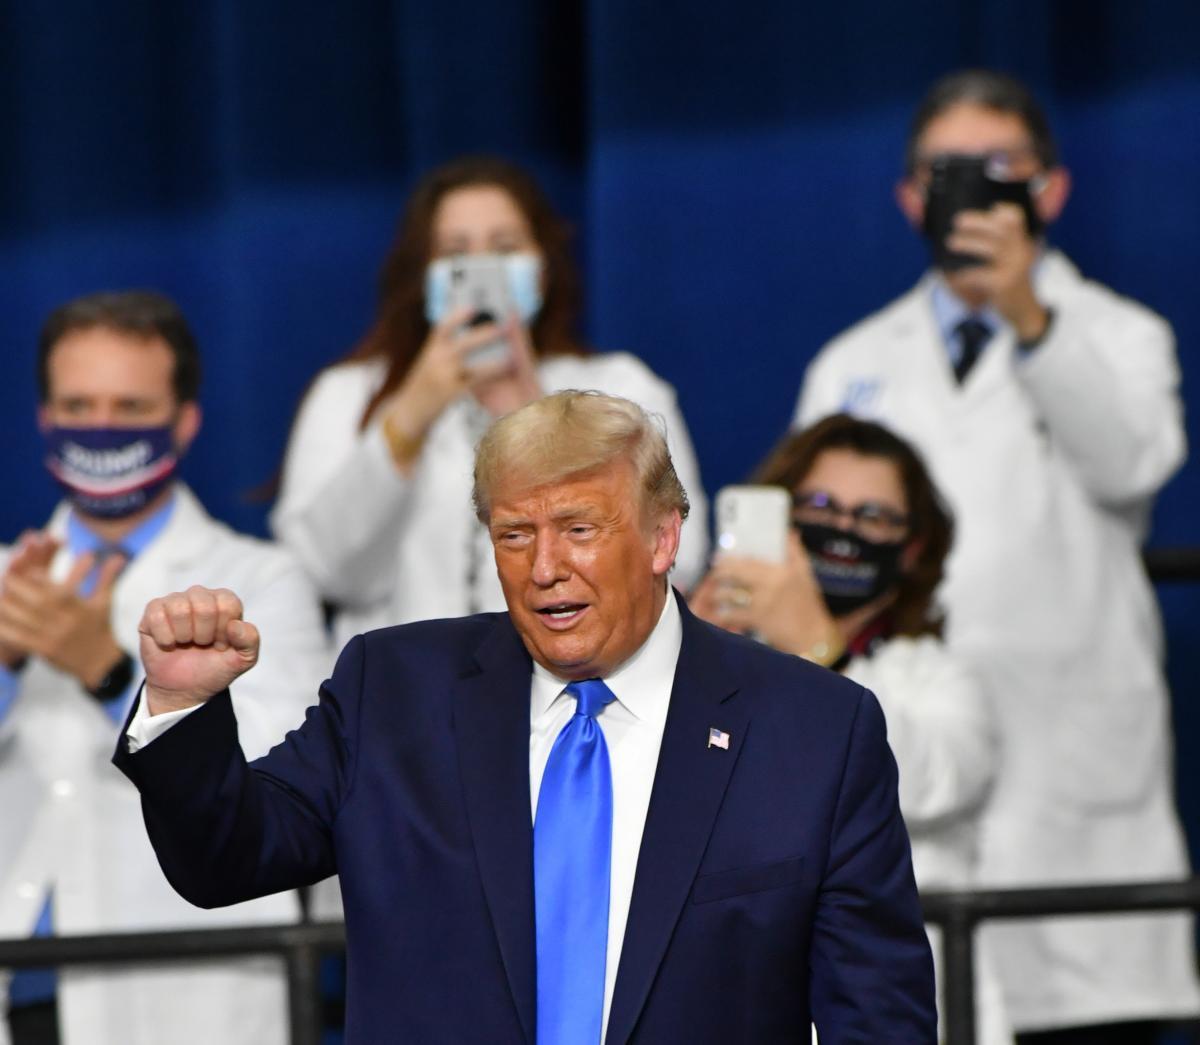 Canlı yayın tartışması öncesi Trump farkı kapattı